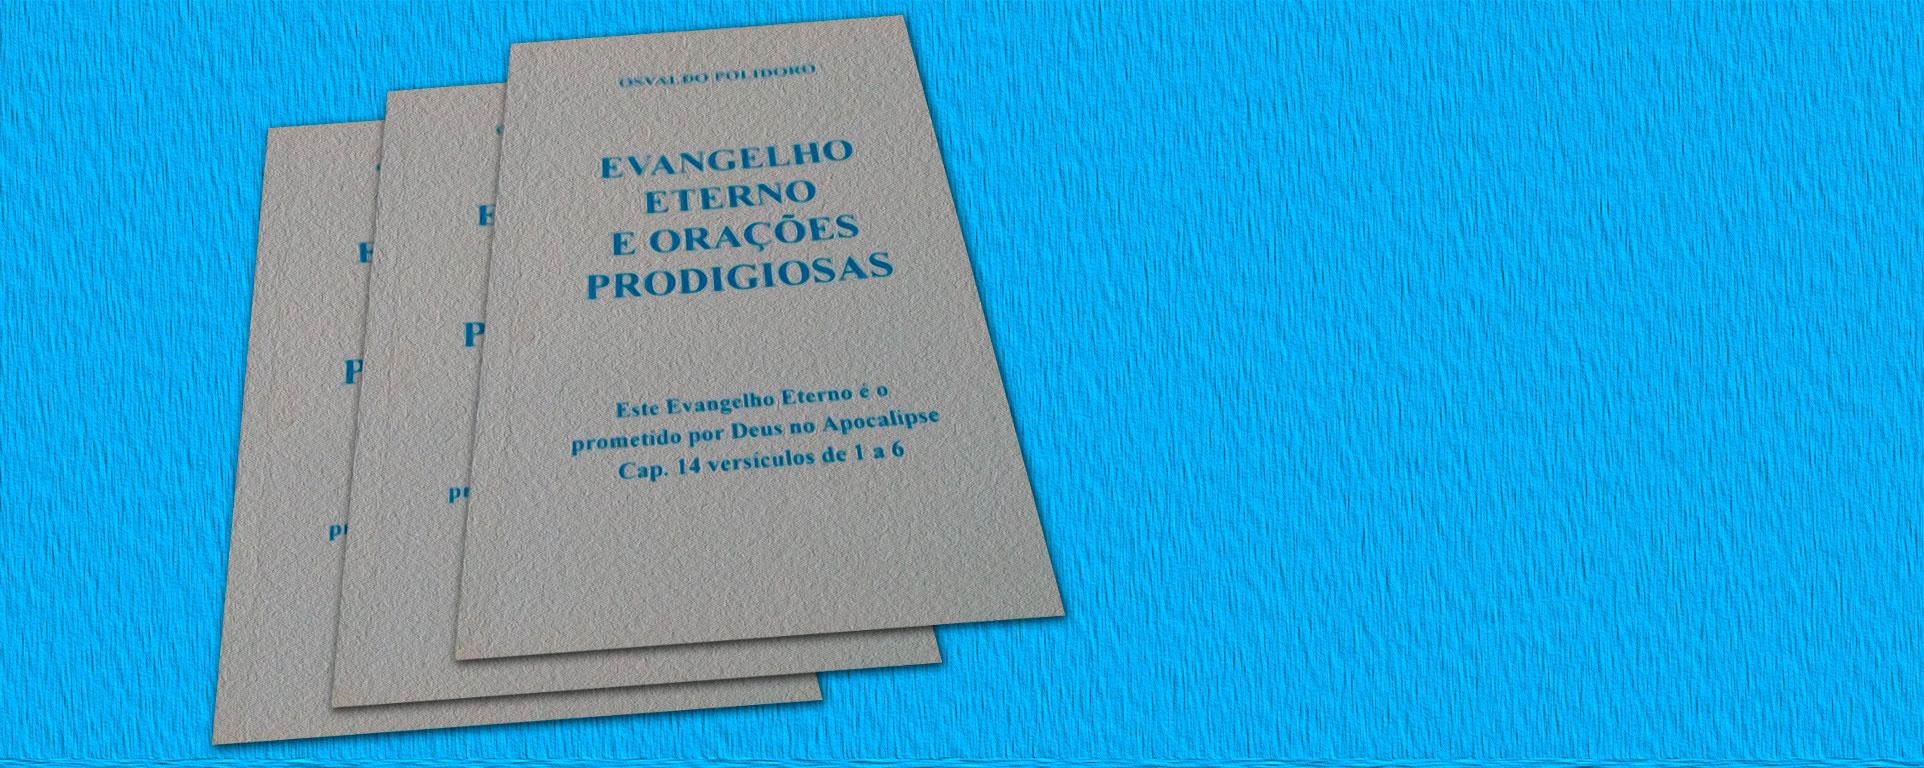 evangelho-eterno-oracoes-prodigiosas-